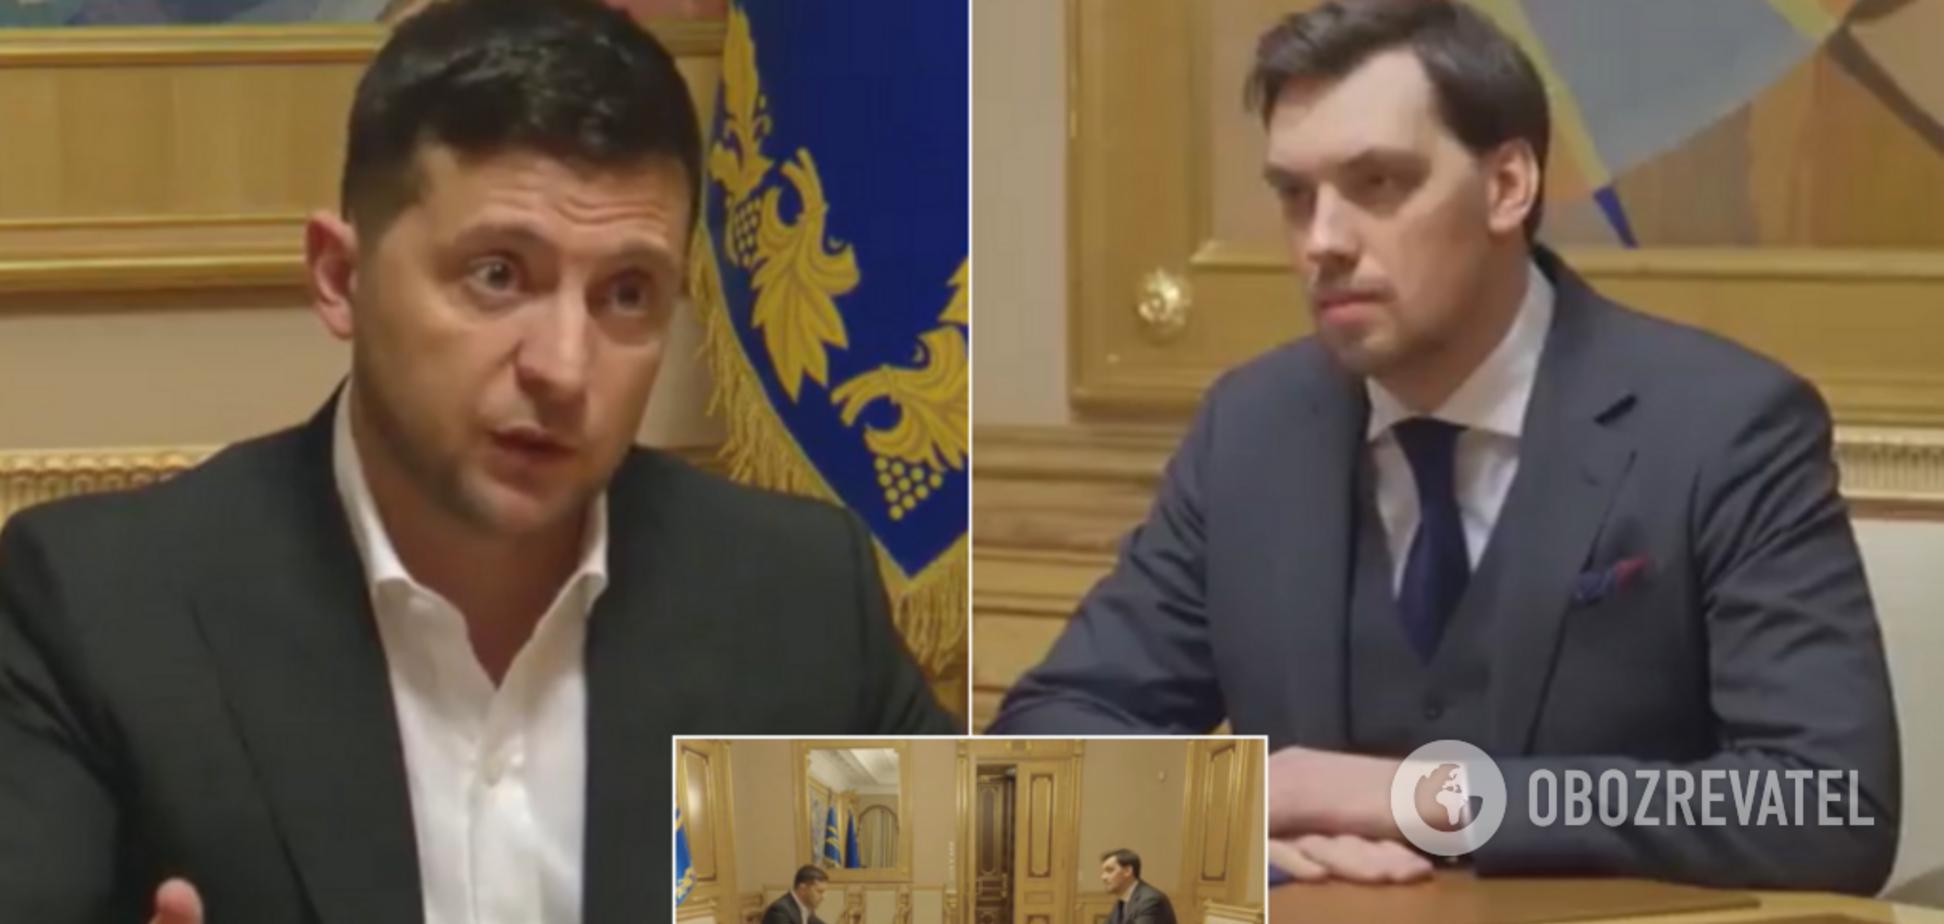 'Ви ще не розрахувалися!' Зеленський виступив проти відставки Гончарука: заява